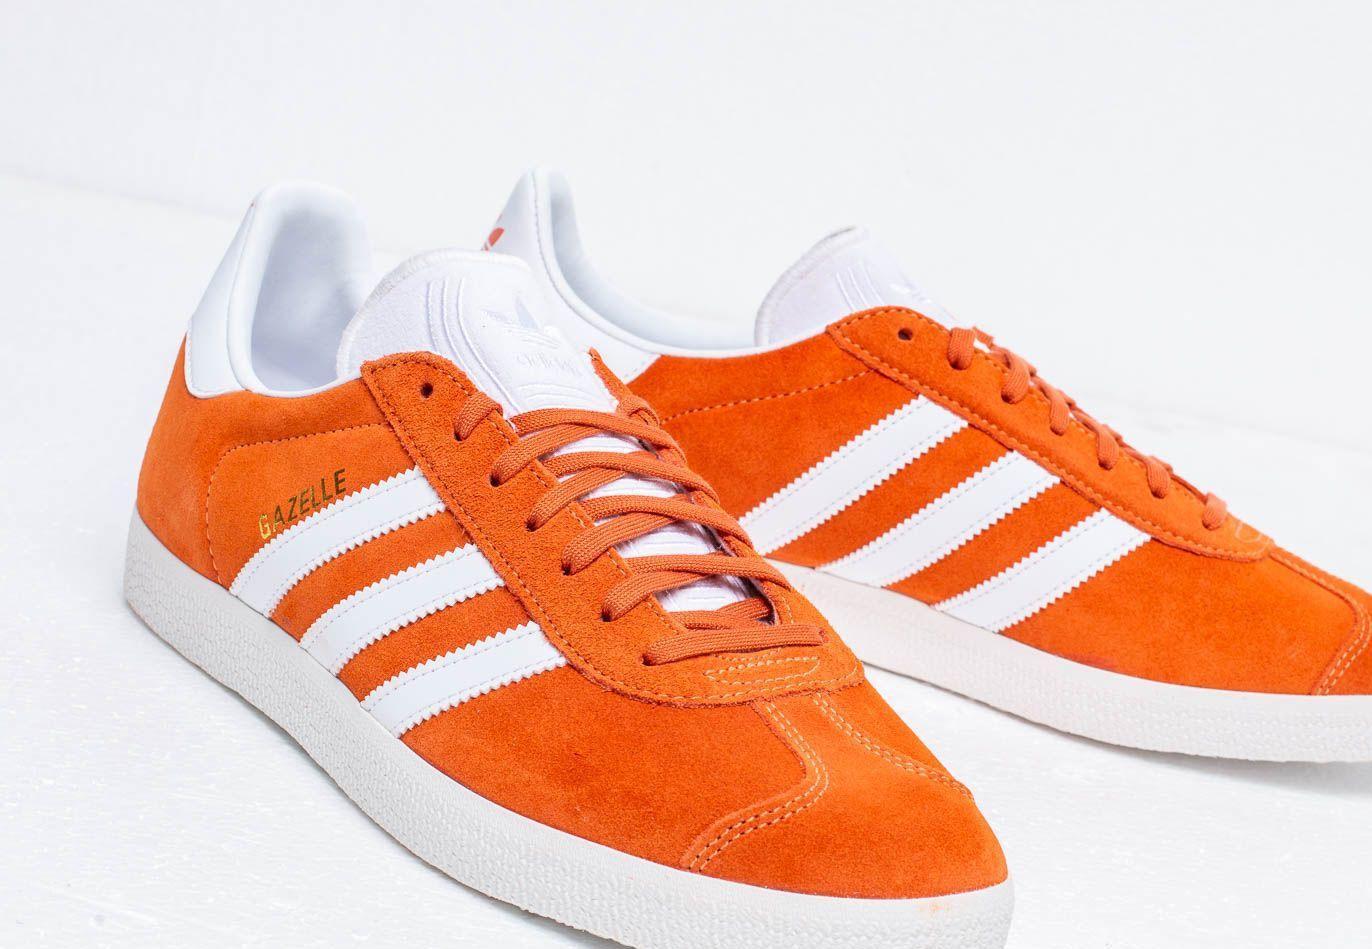 Adidas Gazelle Easy Orange/ Ftw White/ Crystal White adidas ...